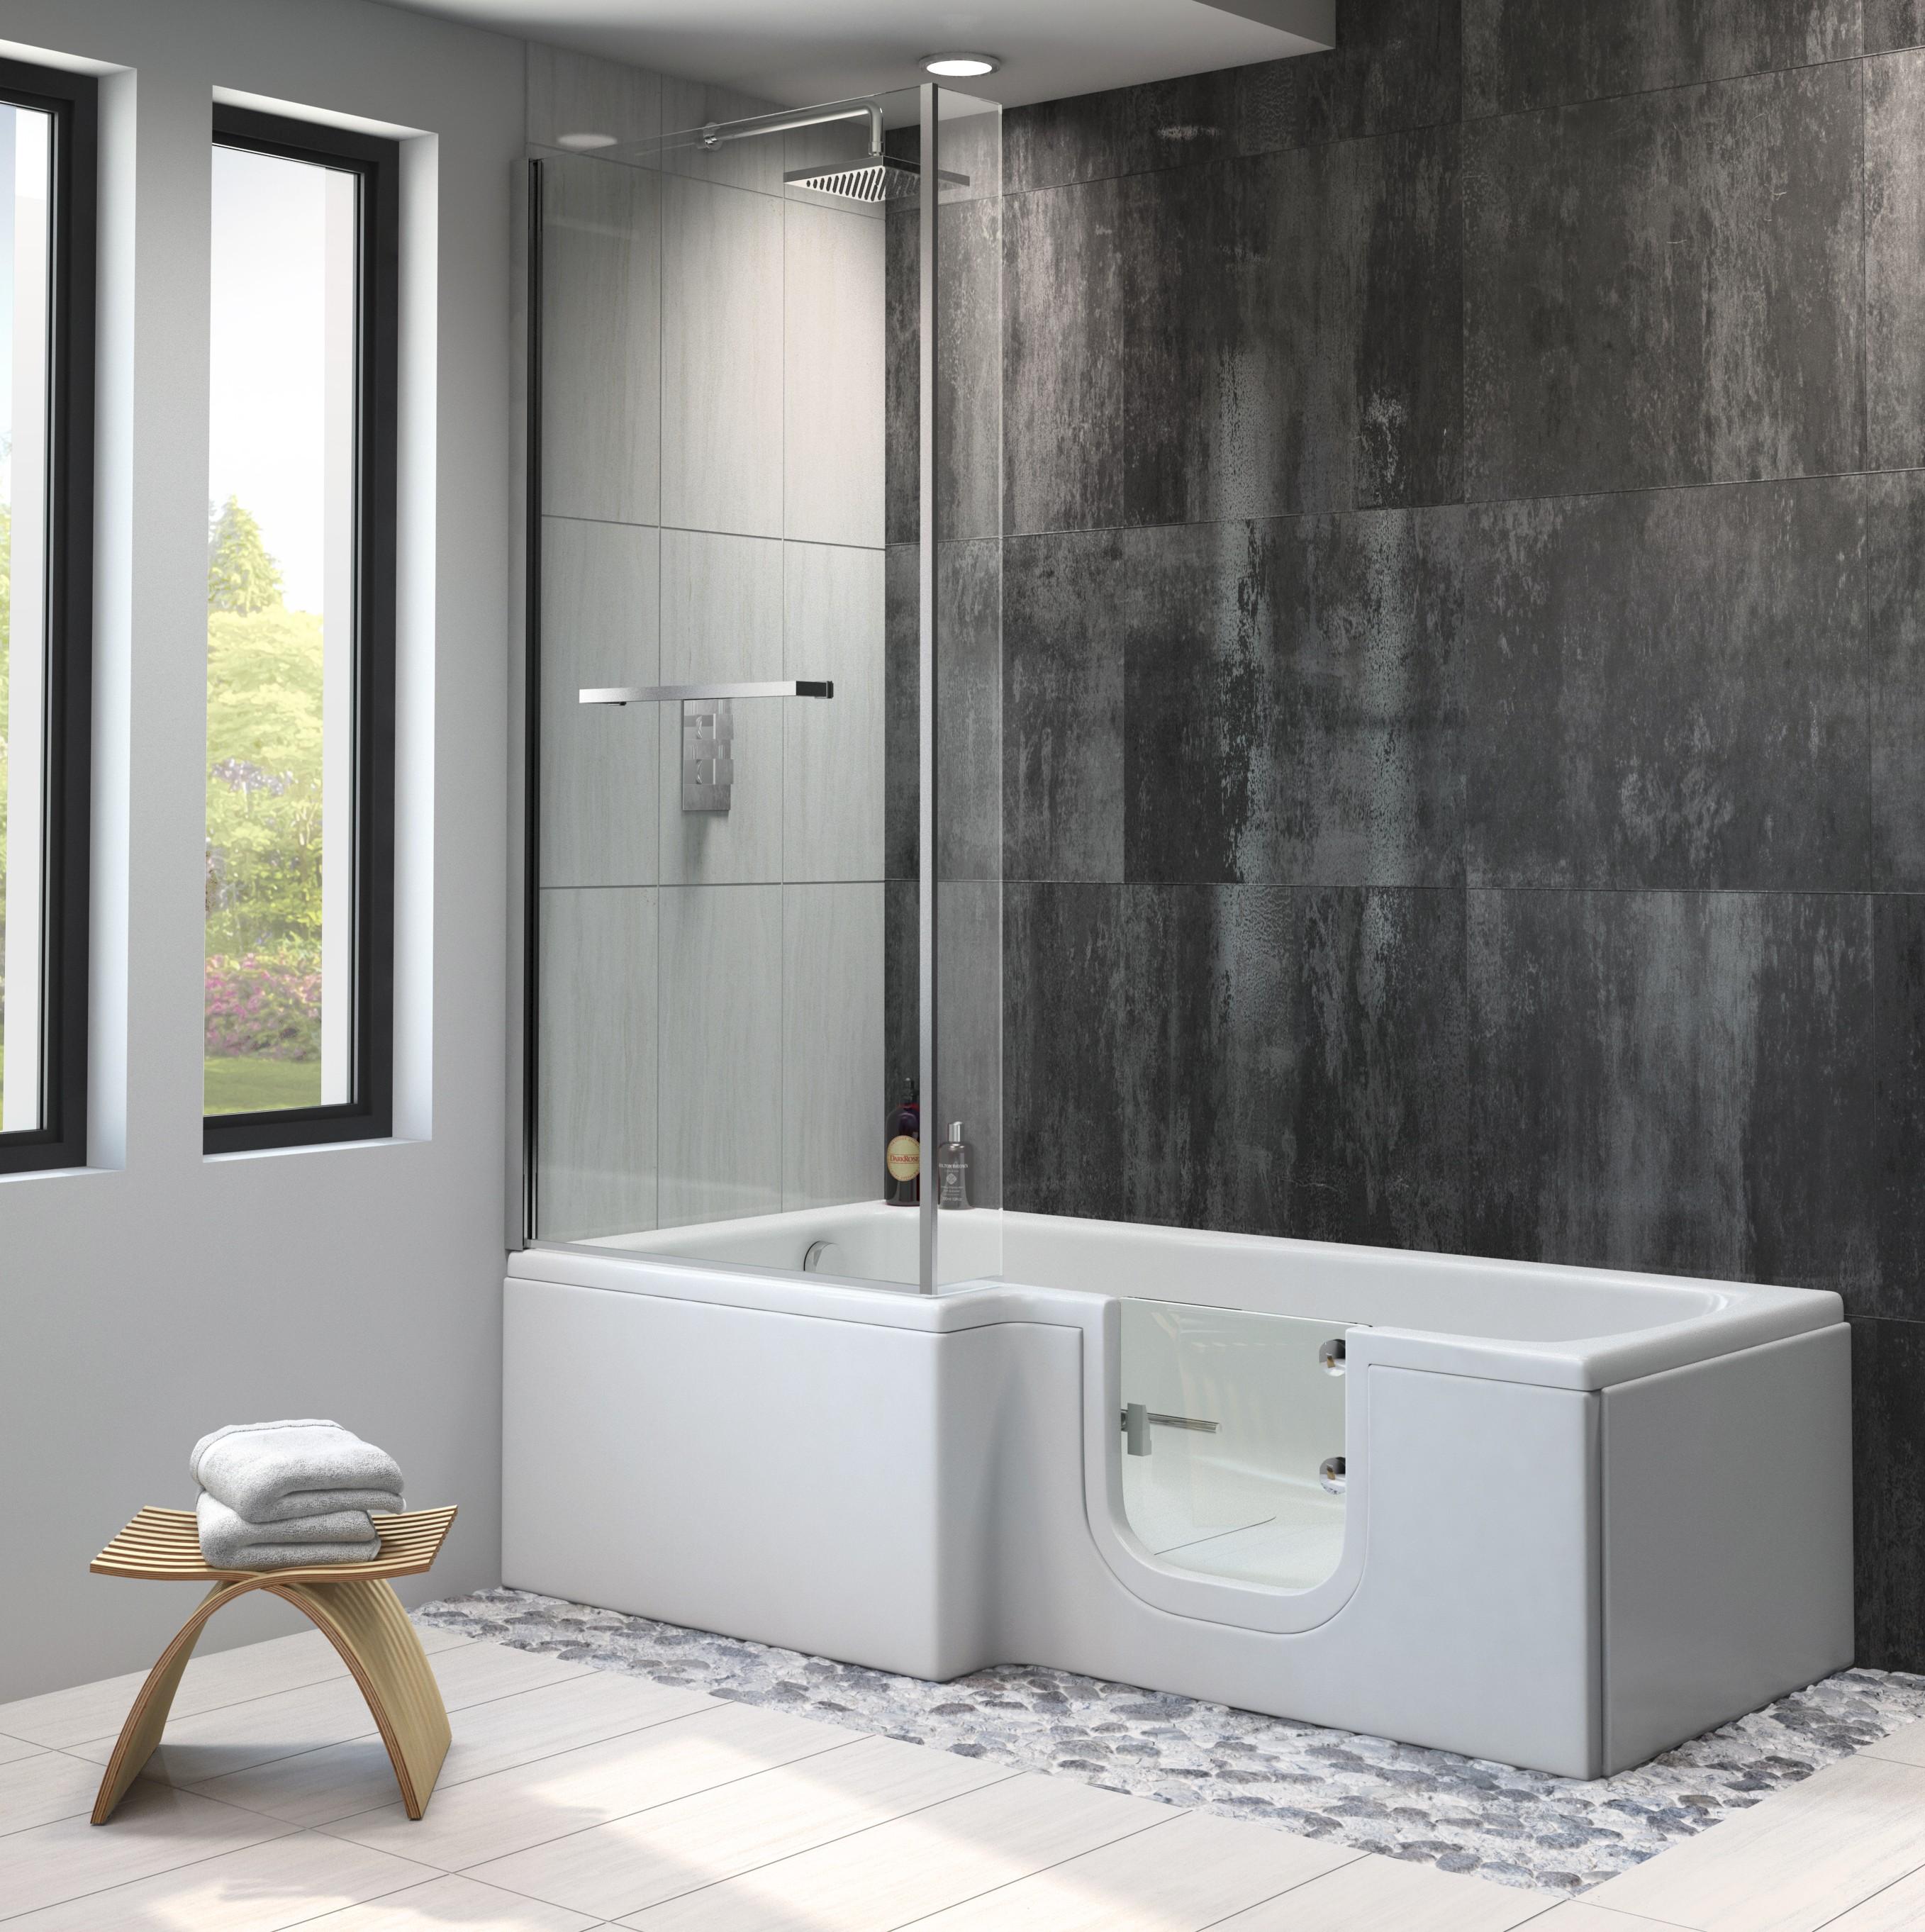 Sabre bath